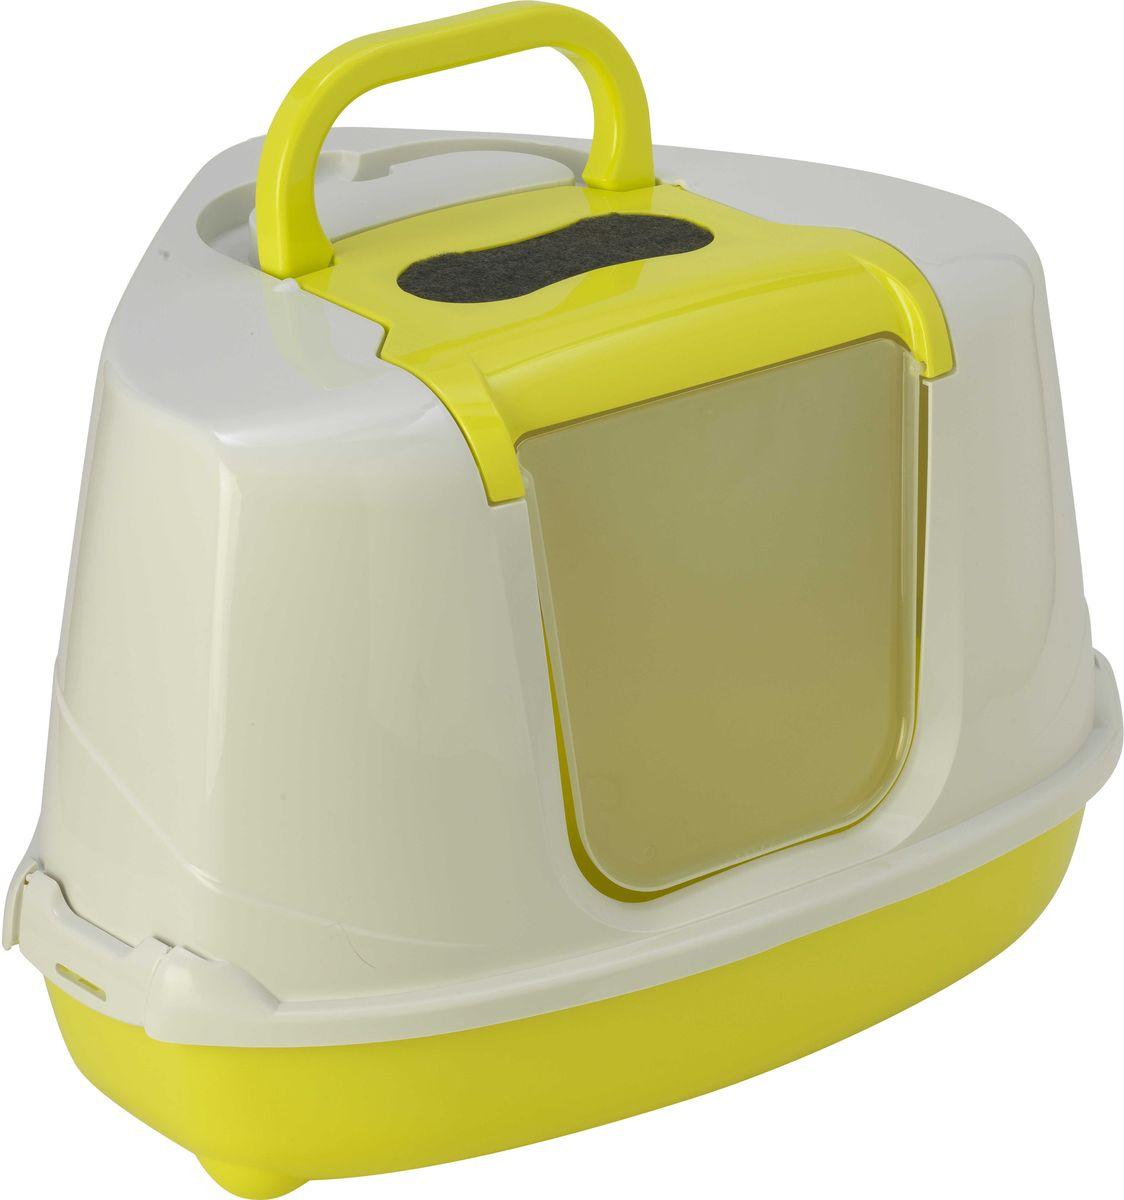 Туалет для кошек Moderna Flip Corner, закрытый, угловой, цвет: лимон, 56 х 45 х 39 см0120710Закрытый угловой туалет для кошек Moderna Flip Corner выполнен из высококачественного пластика. Он довольно вместительный и напоминает домик. Туалет оснащен прозрачной открывающейся дверцей, сменным фильтром и удобной ручкой для переноски. Такой туалет избавит ваш дом от неприятного запаха и разбросанных повсюду частичек наполнителя. Кошка в таком туалете будет чувствовать себя увереннее, ведь в этом укромном уголке ее никто не увидит. Кроме того, яркий дизайн с легкостью впишется в интерьер вашего дома. Туалет легко открывается для чистки благодаря практичным защелкам по бокам.